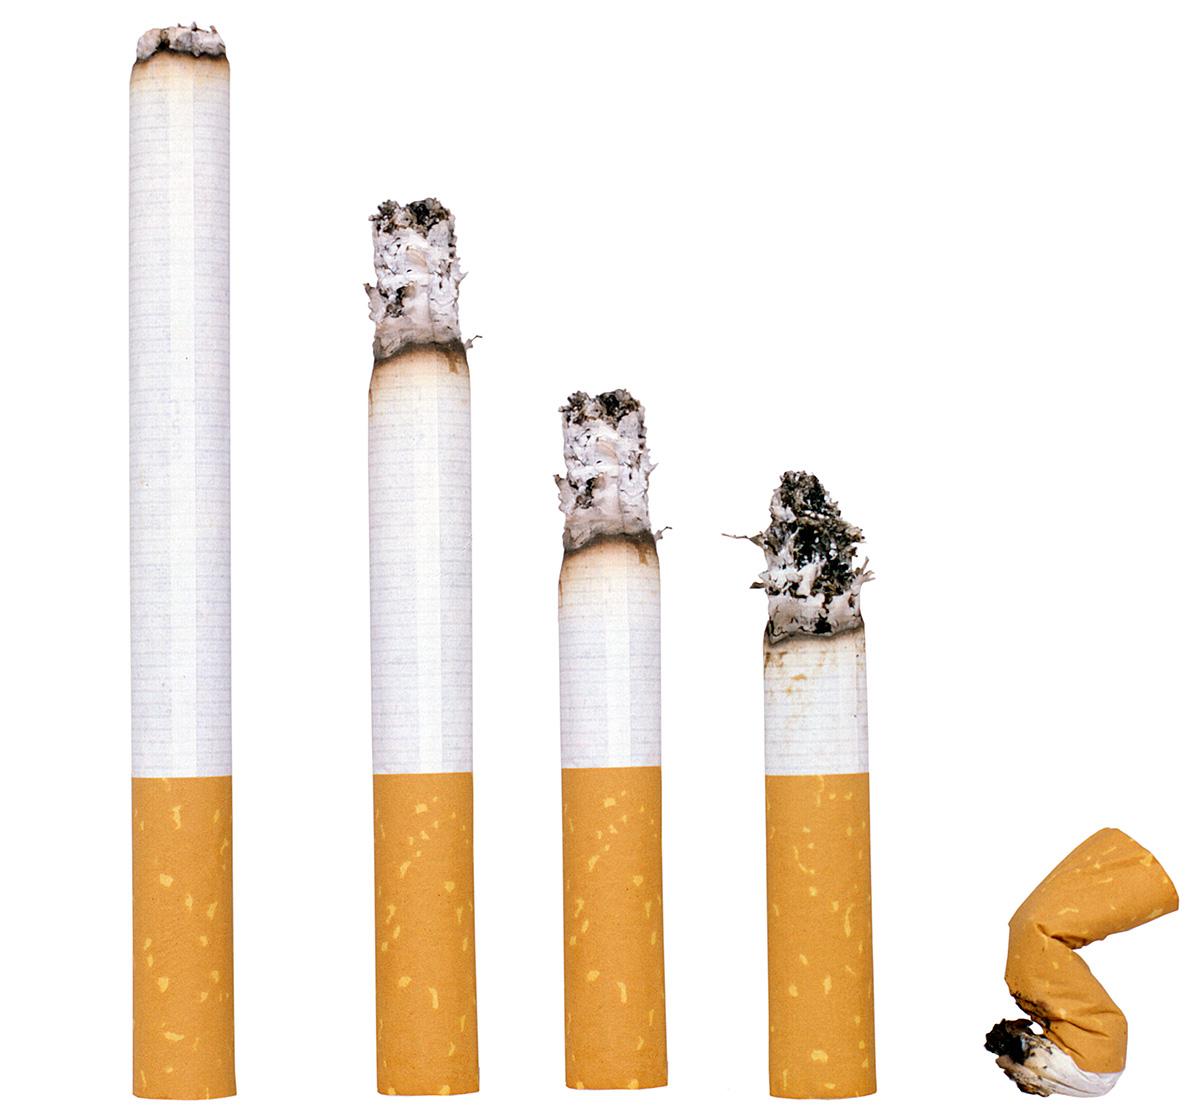 ÖGK: Ohne Tabak ins neue Jahr